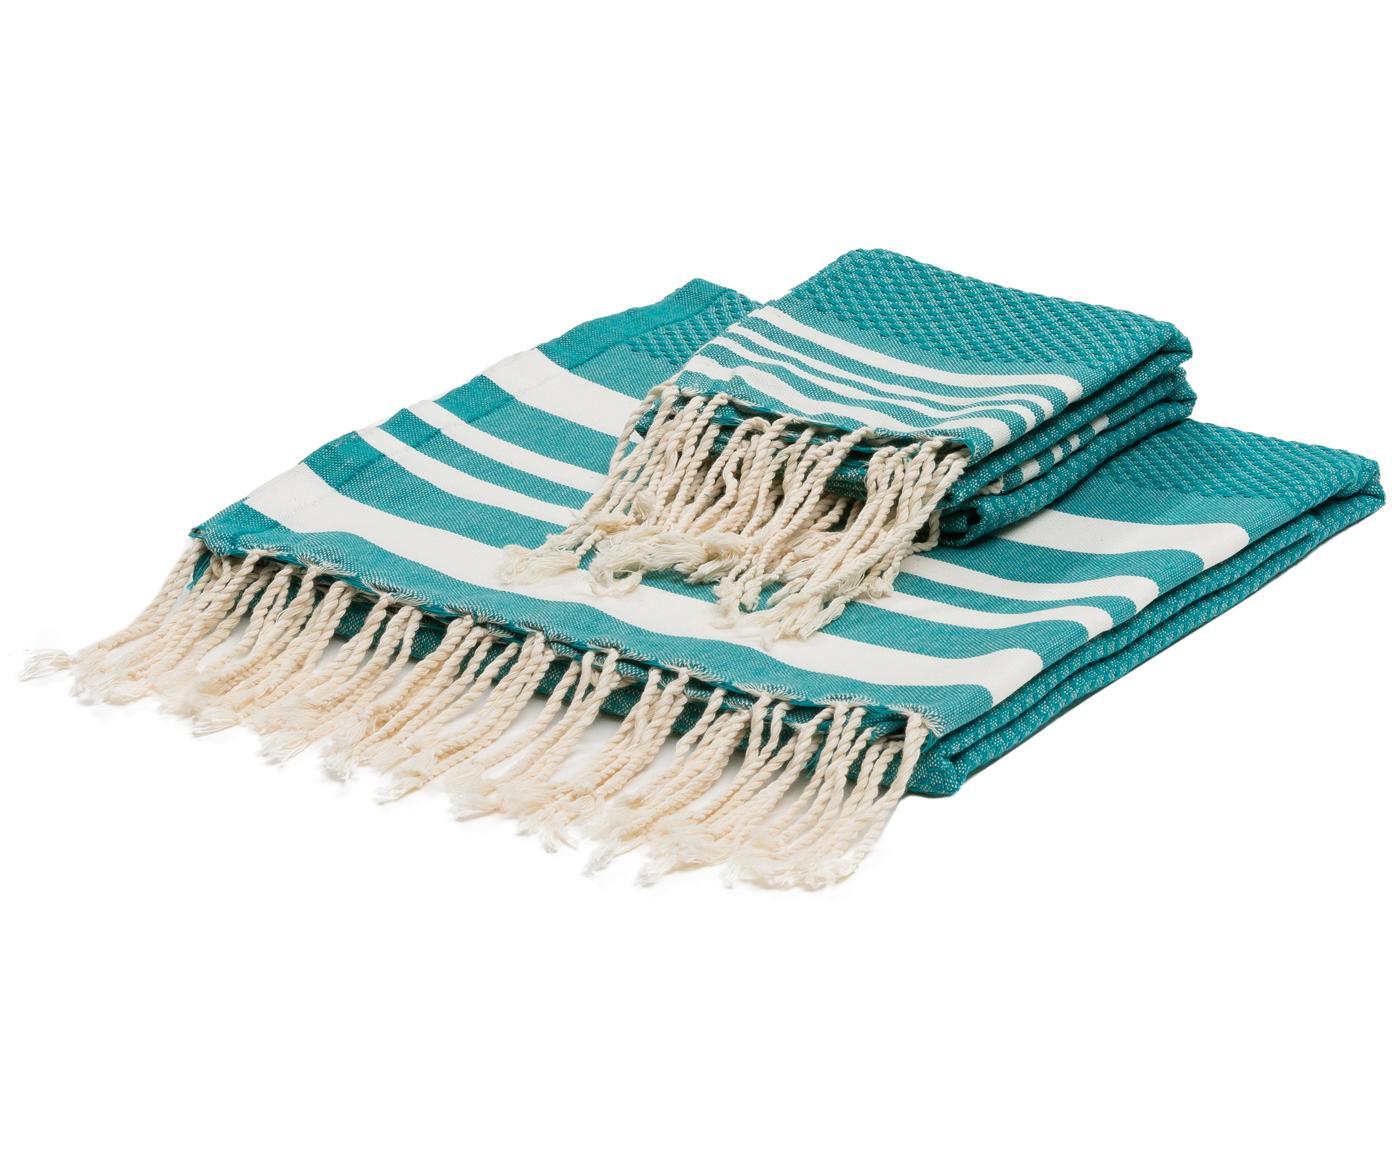 Lichte handdoekenset Hamptons, 3-delig, Katoen, zeer lichte kwaliteit, 200 g/m², Turquoise groen, wit, Verschillende formaten